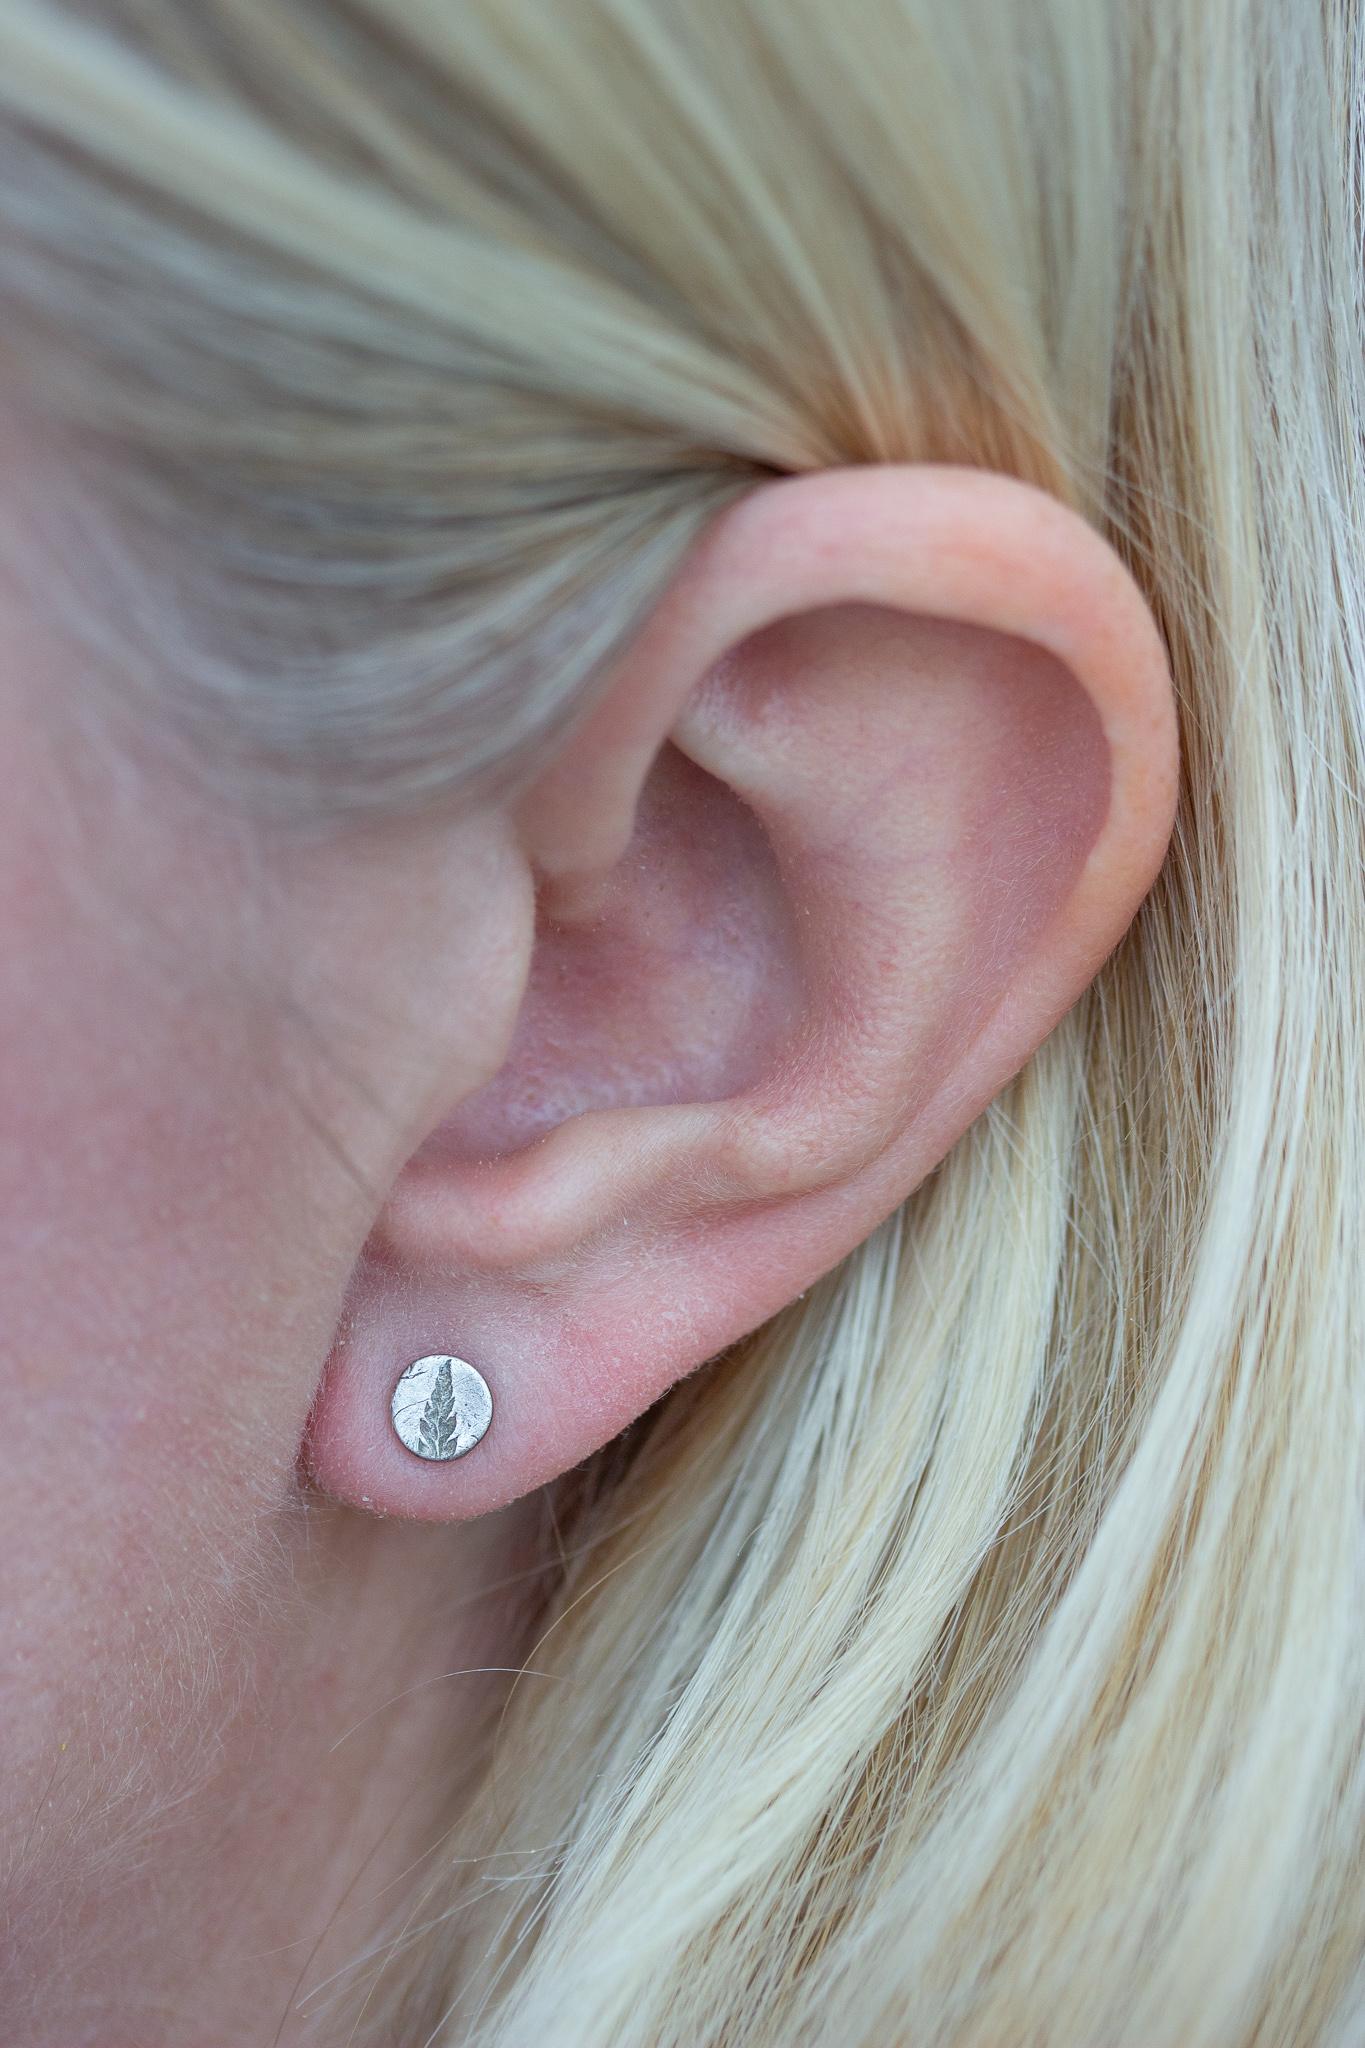 the-little-red-hen-fern-pattern-tiny-silver-stud-earrings